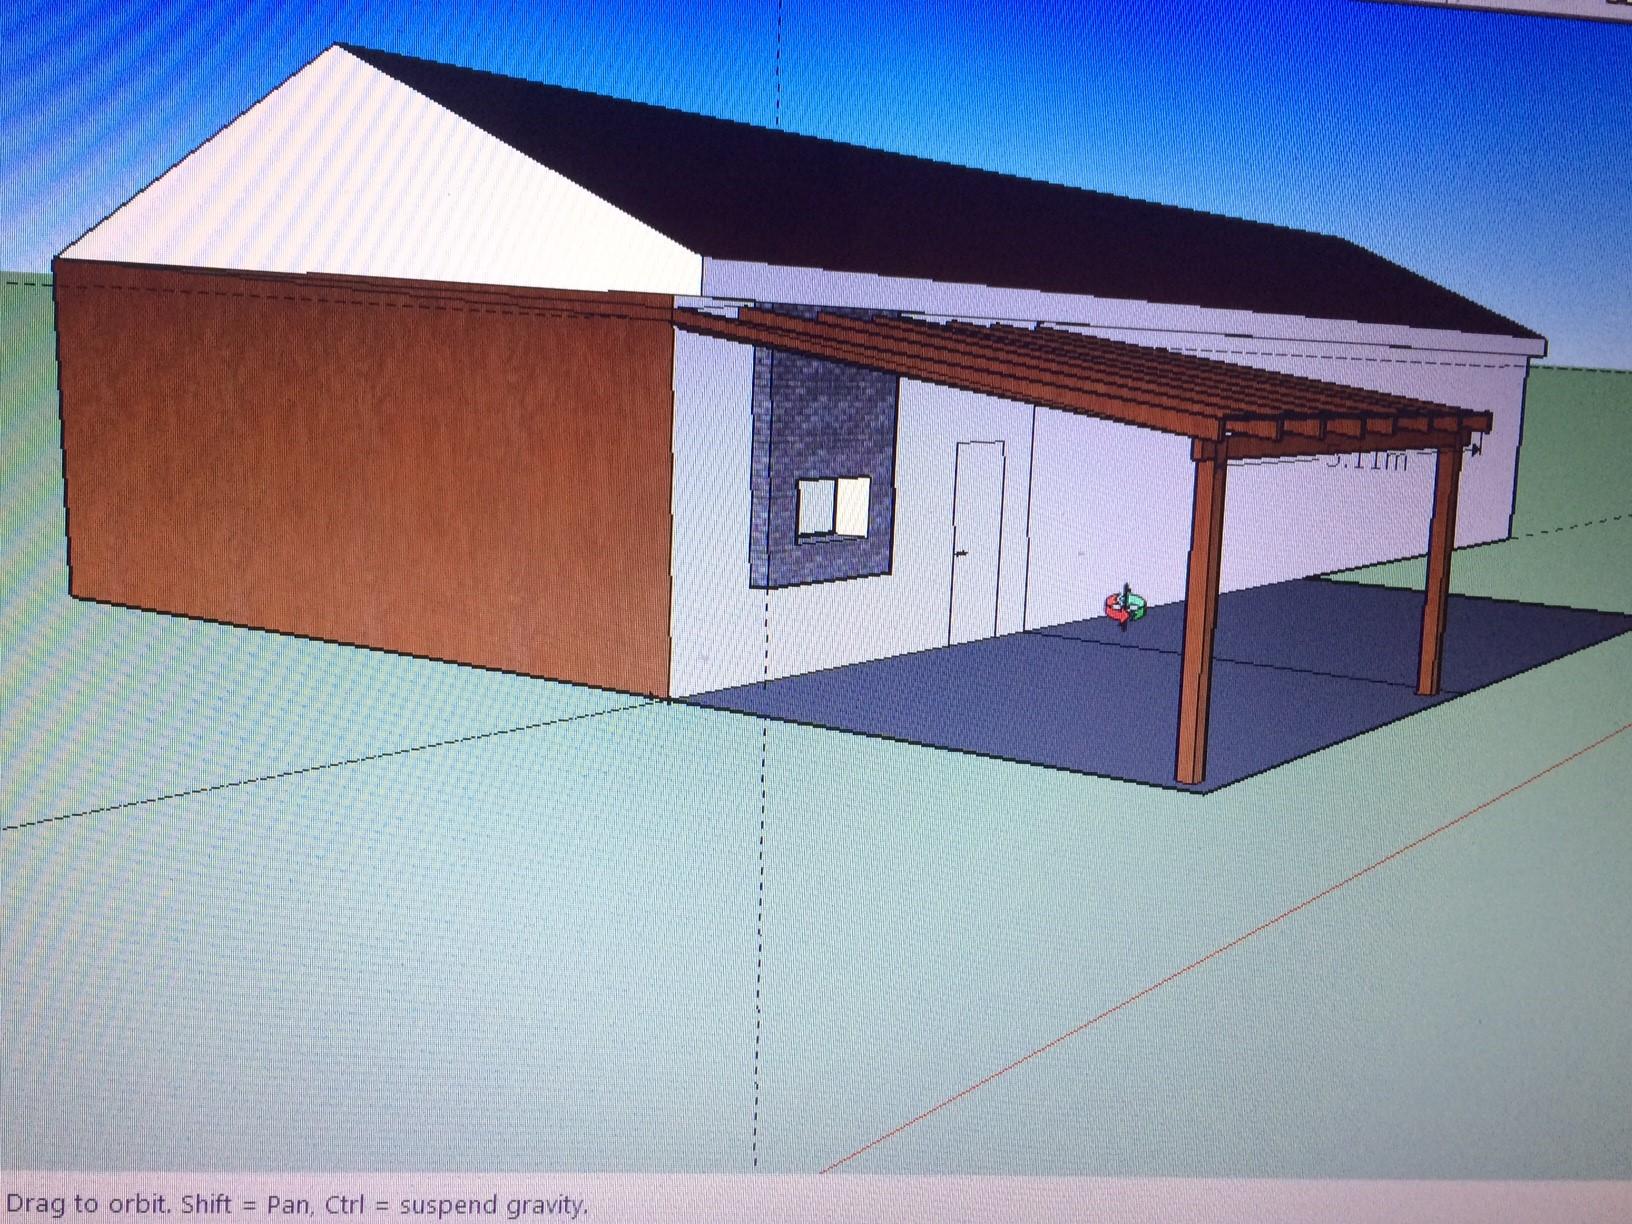 תכנון פרגולת עץ באמצעות sketchup